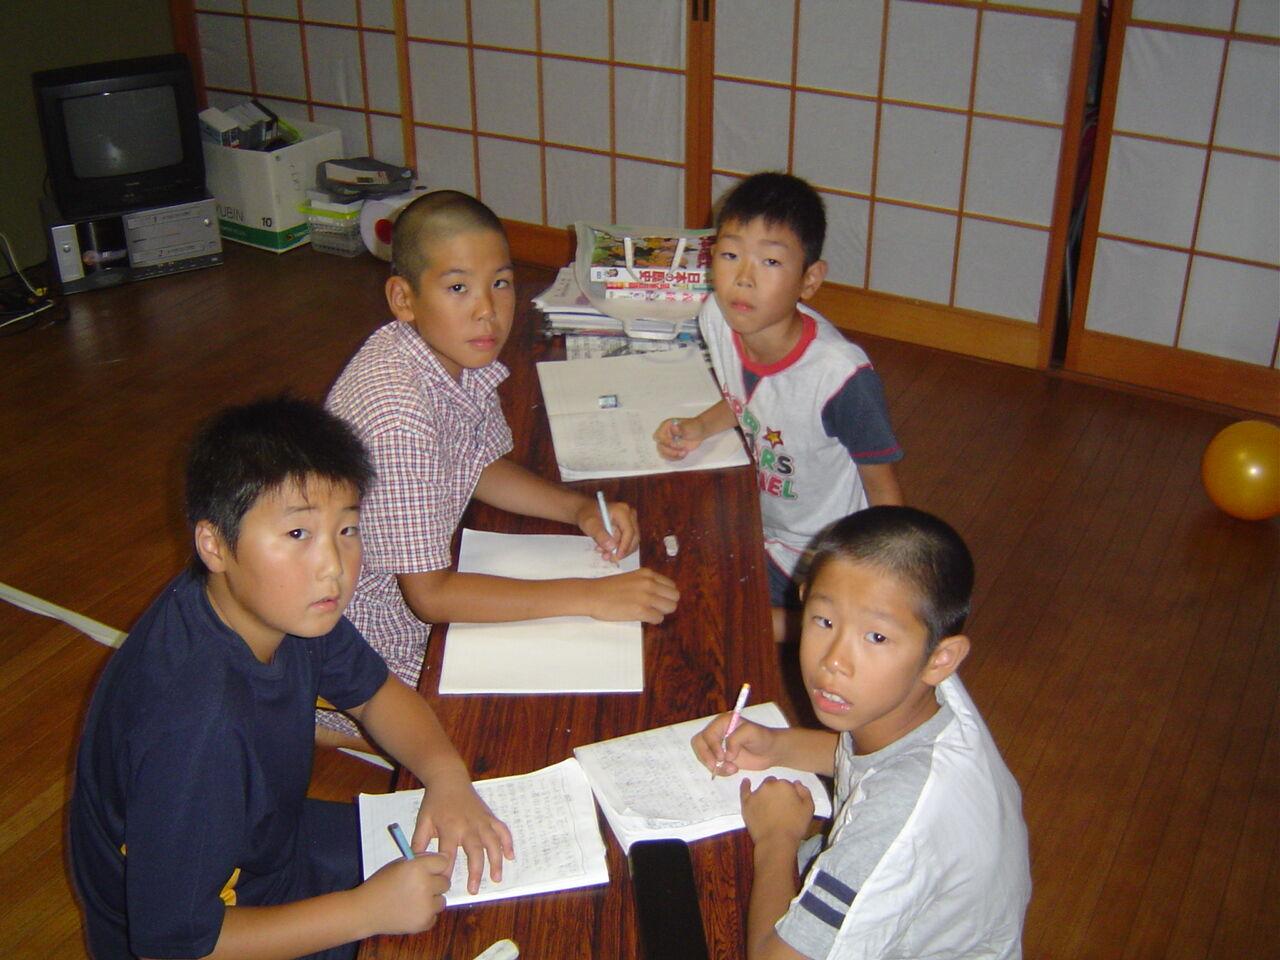 https://livedoor.blogimg.jp/ikouyou_1204/imgs/8/6/86f0fb78.jpg